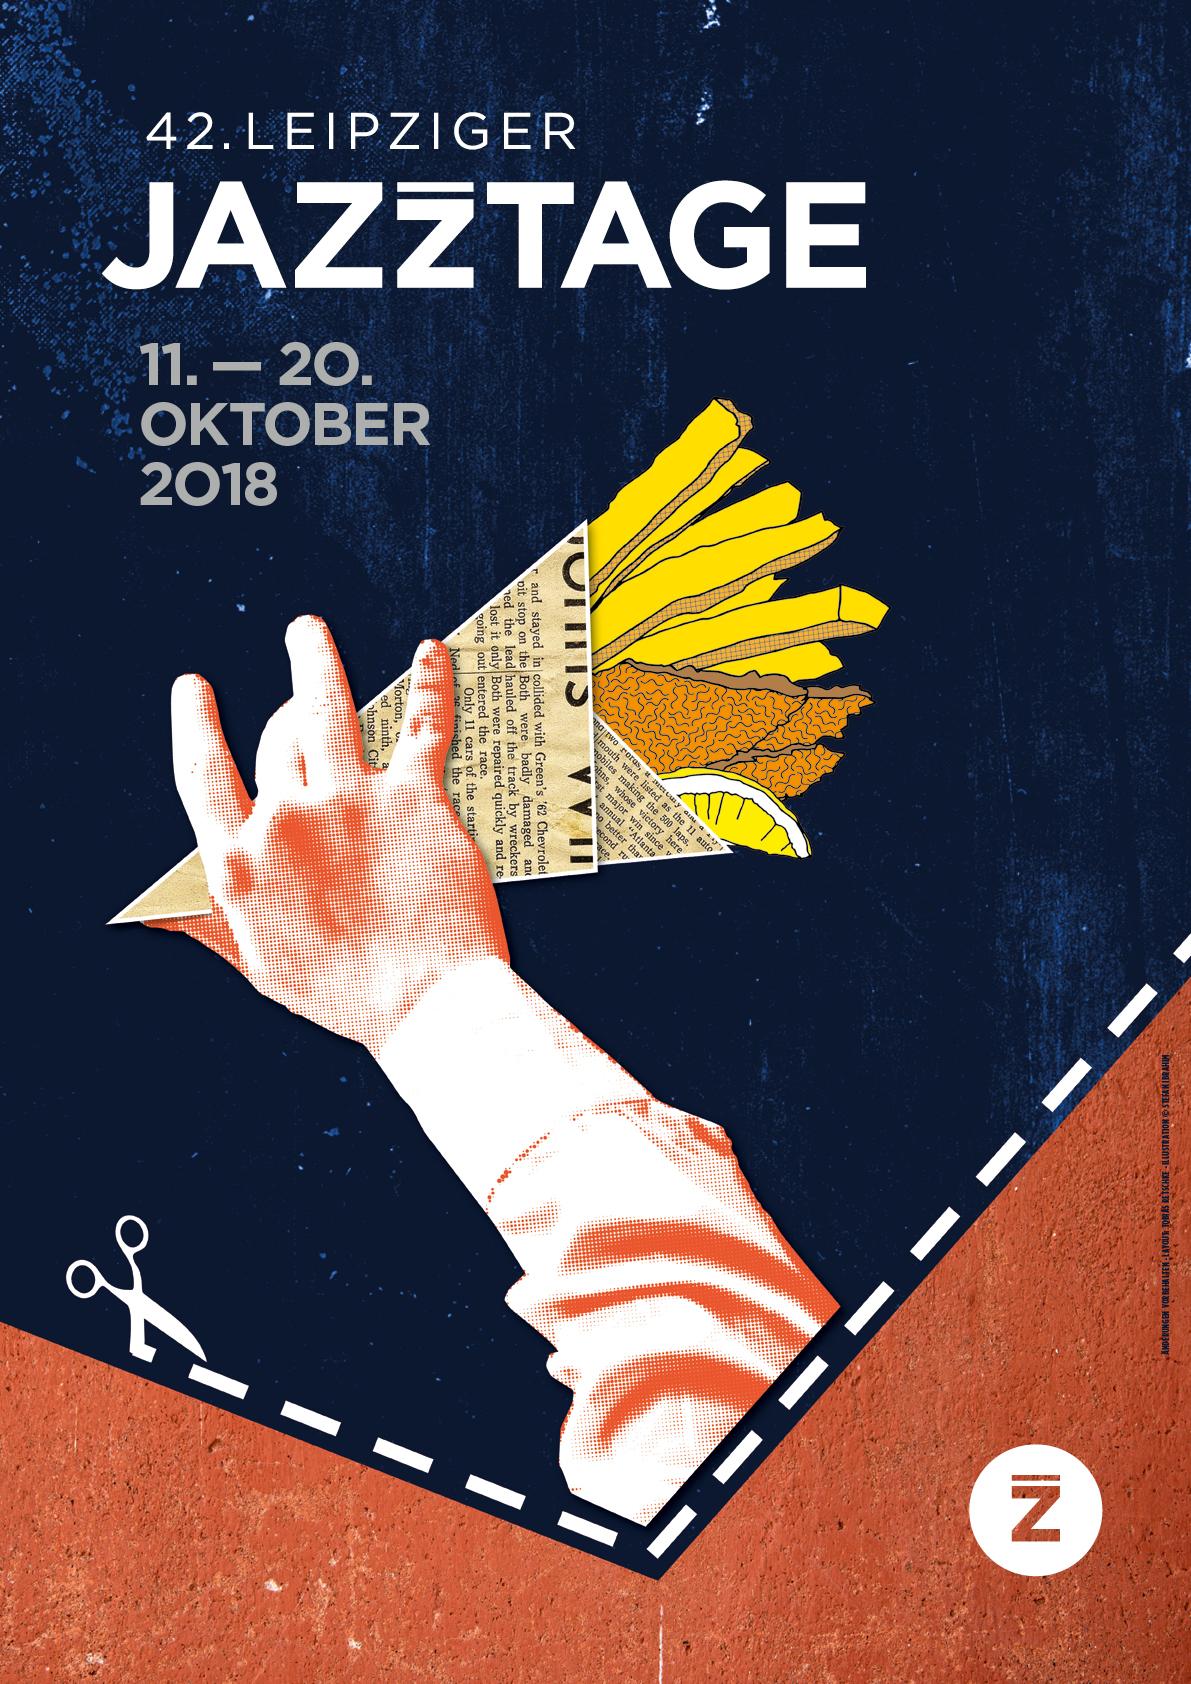 Leipziger_Jazztage_2018.jpg